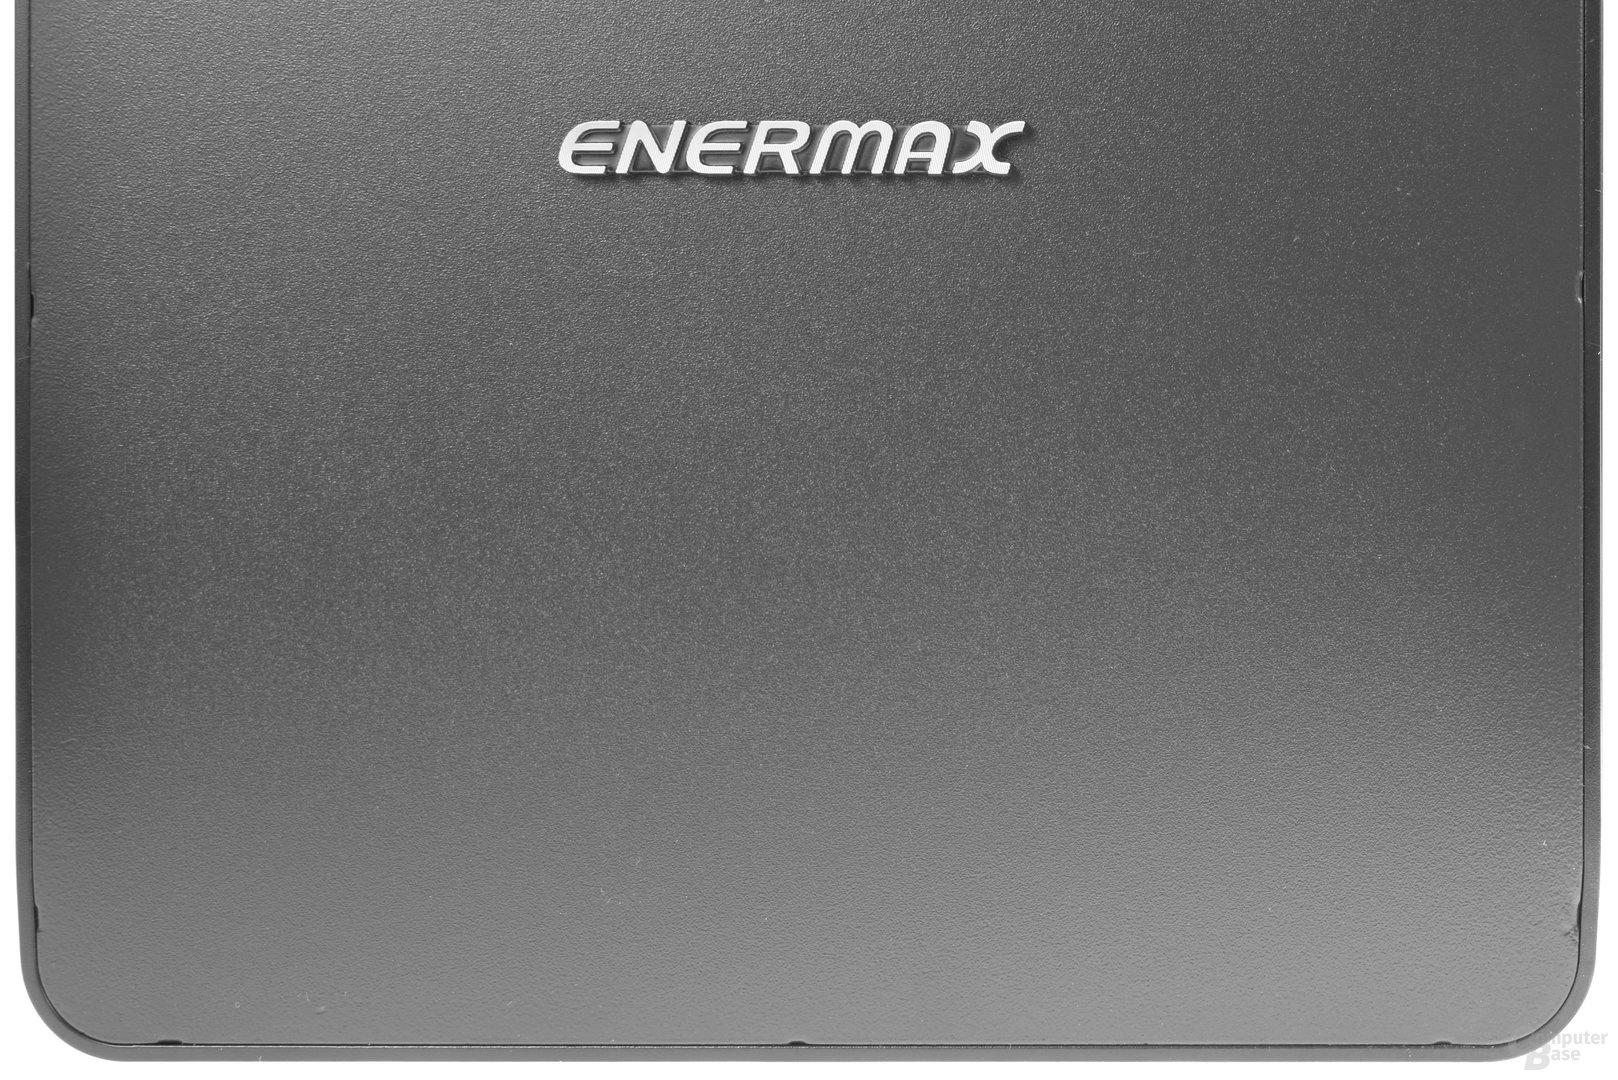 Enermax GraceFun – Das Blech ist am Rand sichtbar unsauber verarbeitet